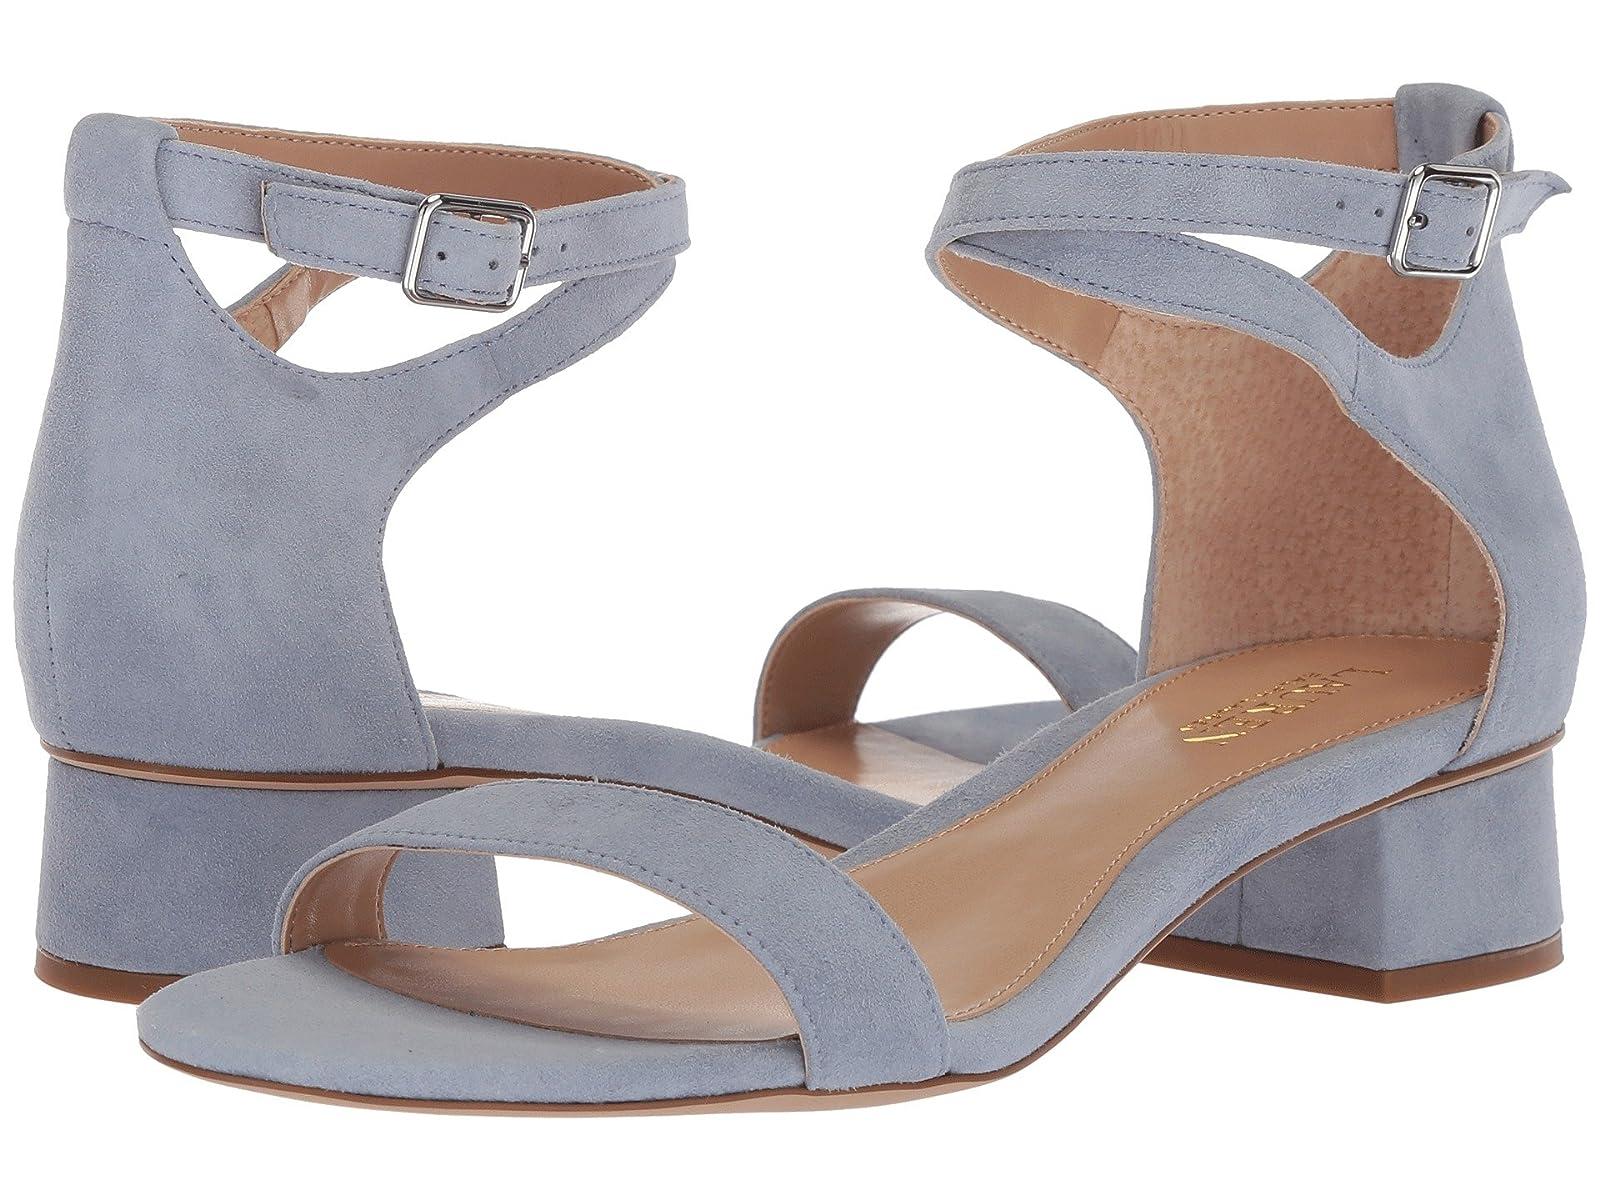 LAUREN Ralph Lauren BethaAtmospheric grades have affordable shoes